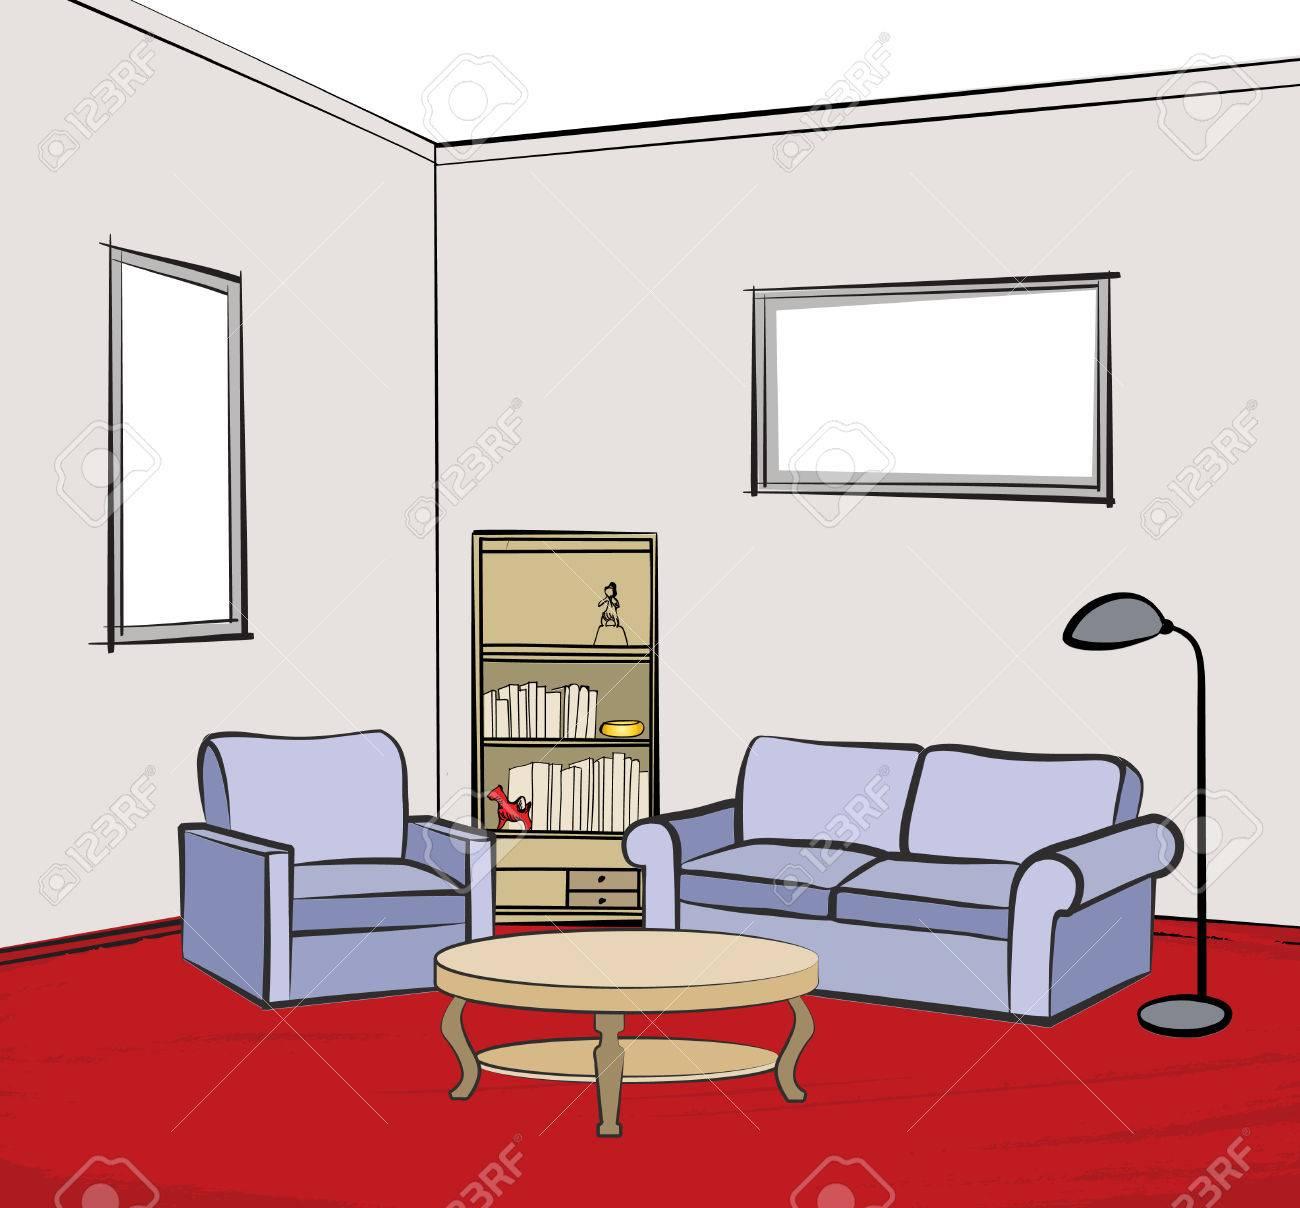 Asombroso Los Muebles Sillón De La Sala Ilustración - Muebles Para ...